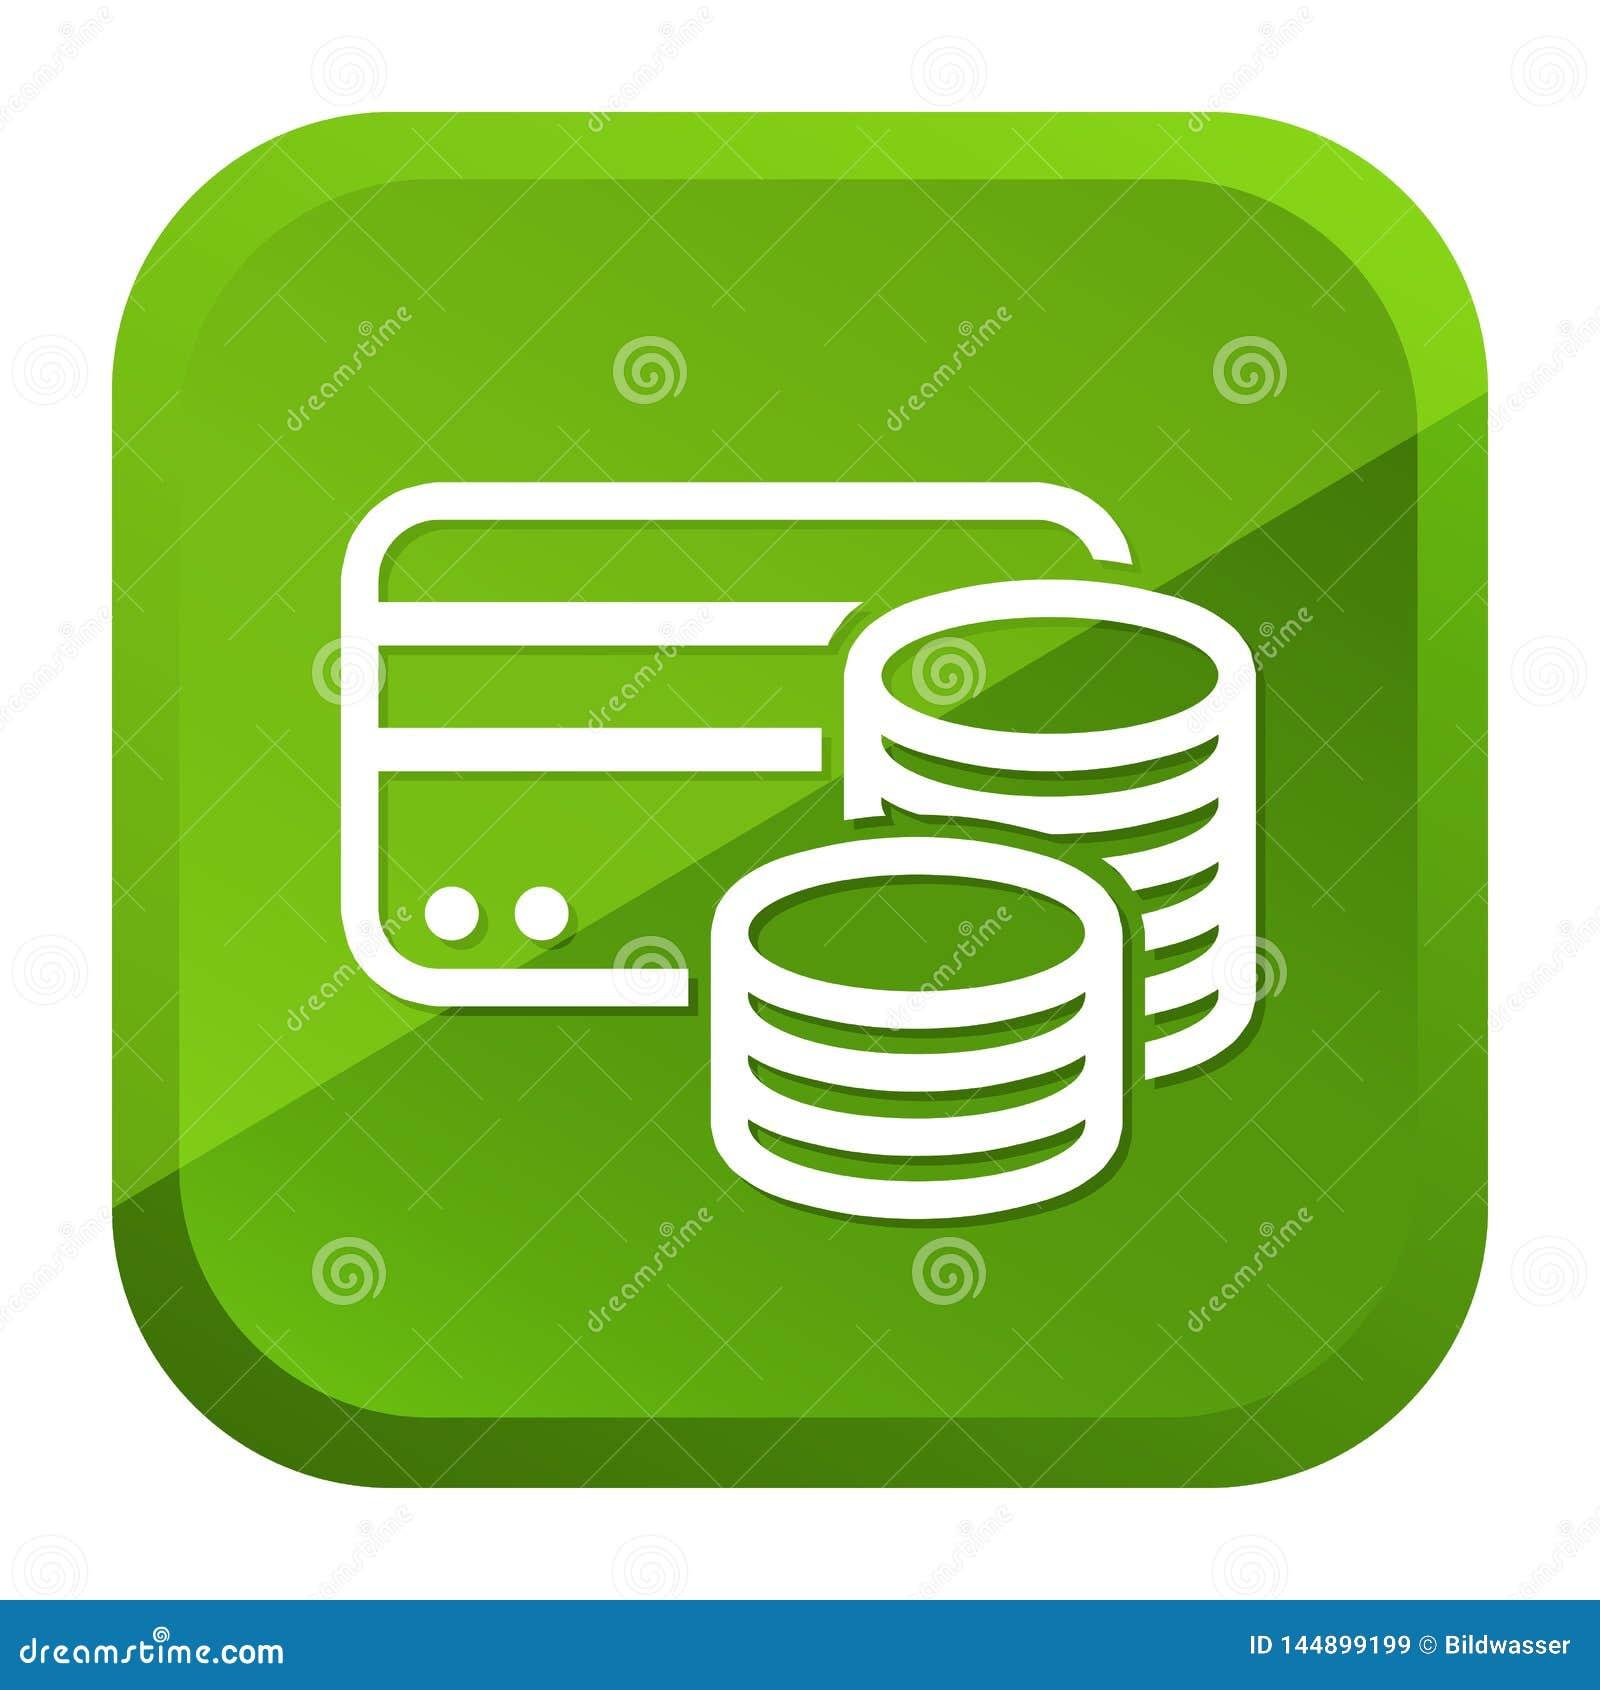 Credit Card Cash Coins Icon. Green Button. Eps10 Vector